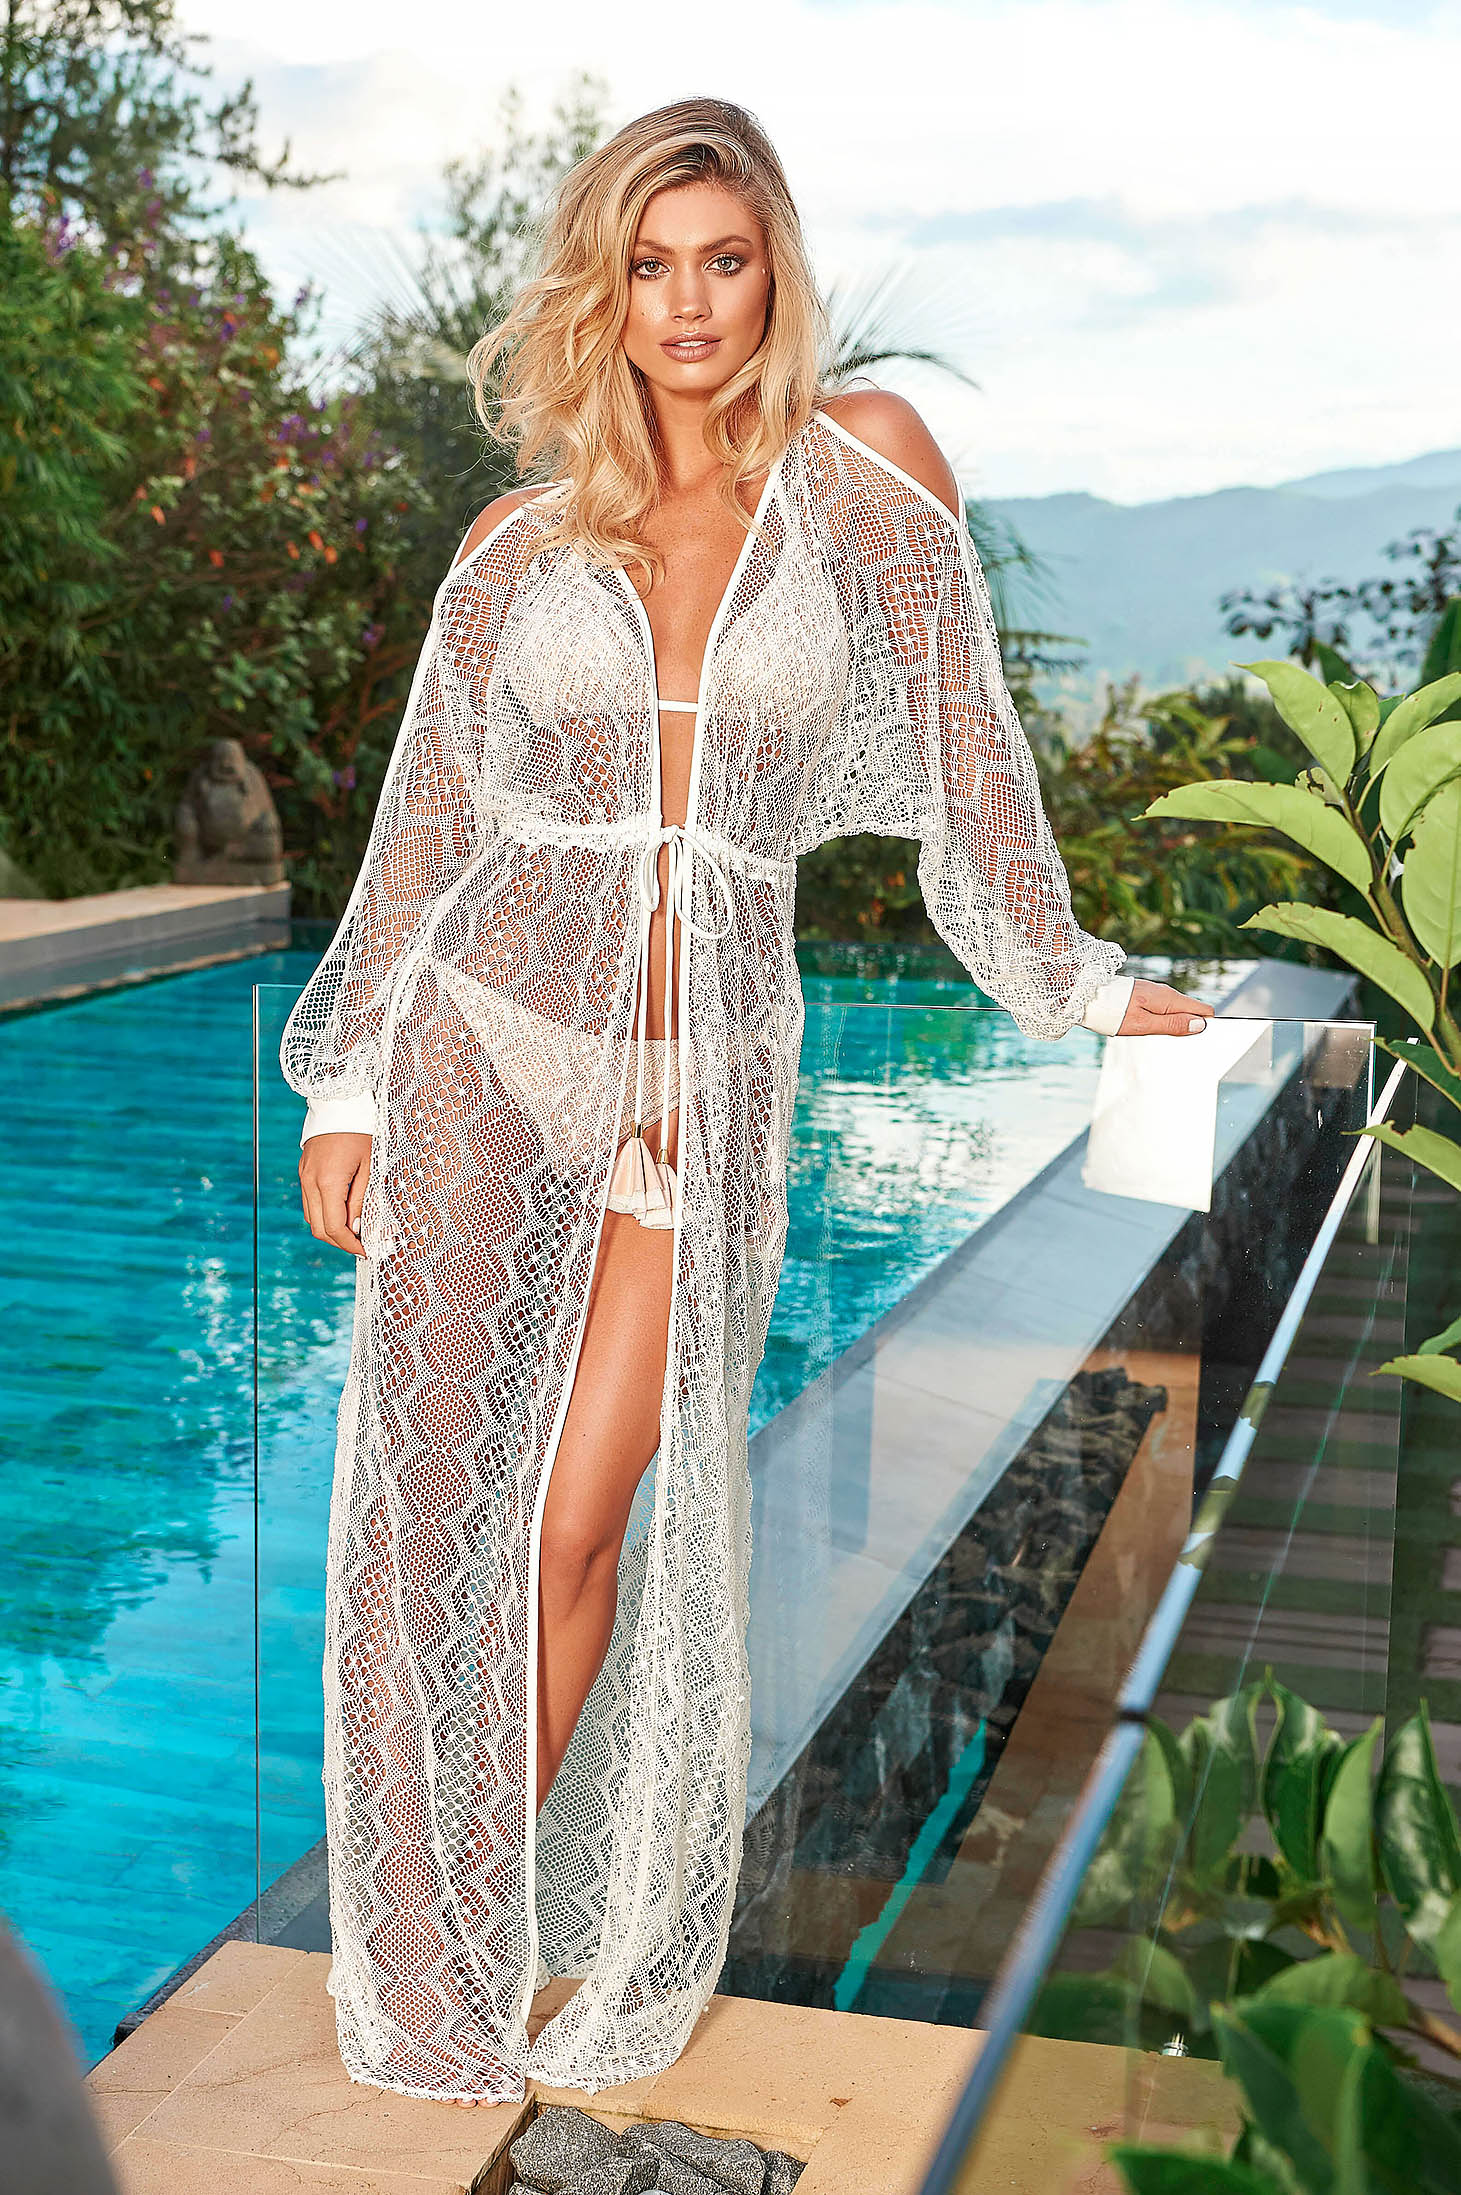 Costum de baie Cosita Linda crem de lux din doua piese cu slip clasic cu sutien triunghi